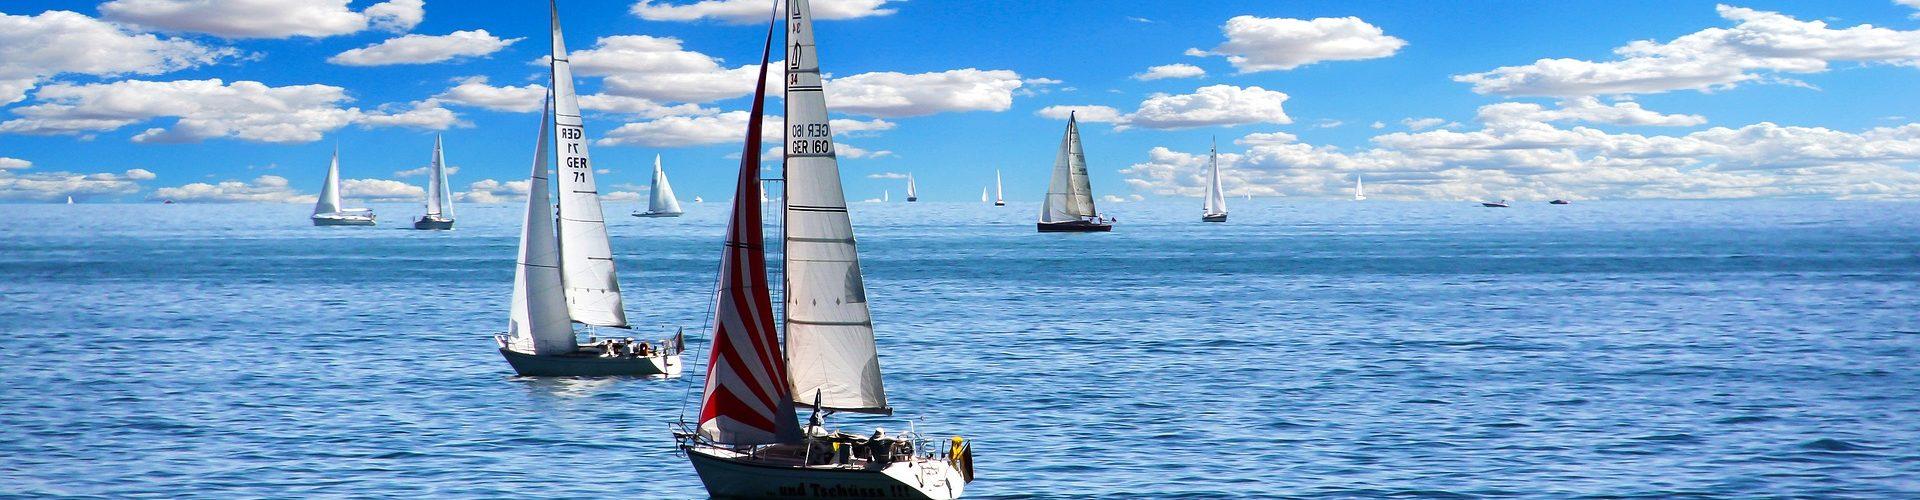 segeln lernen in Emden segelschein machen in Emden 1920x500 - Segeln lernen in Emden